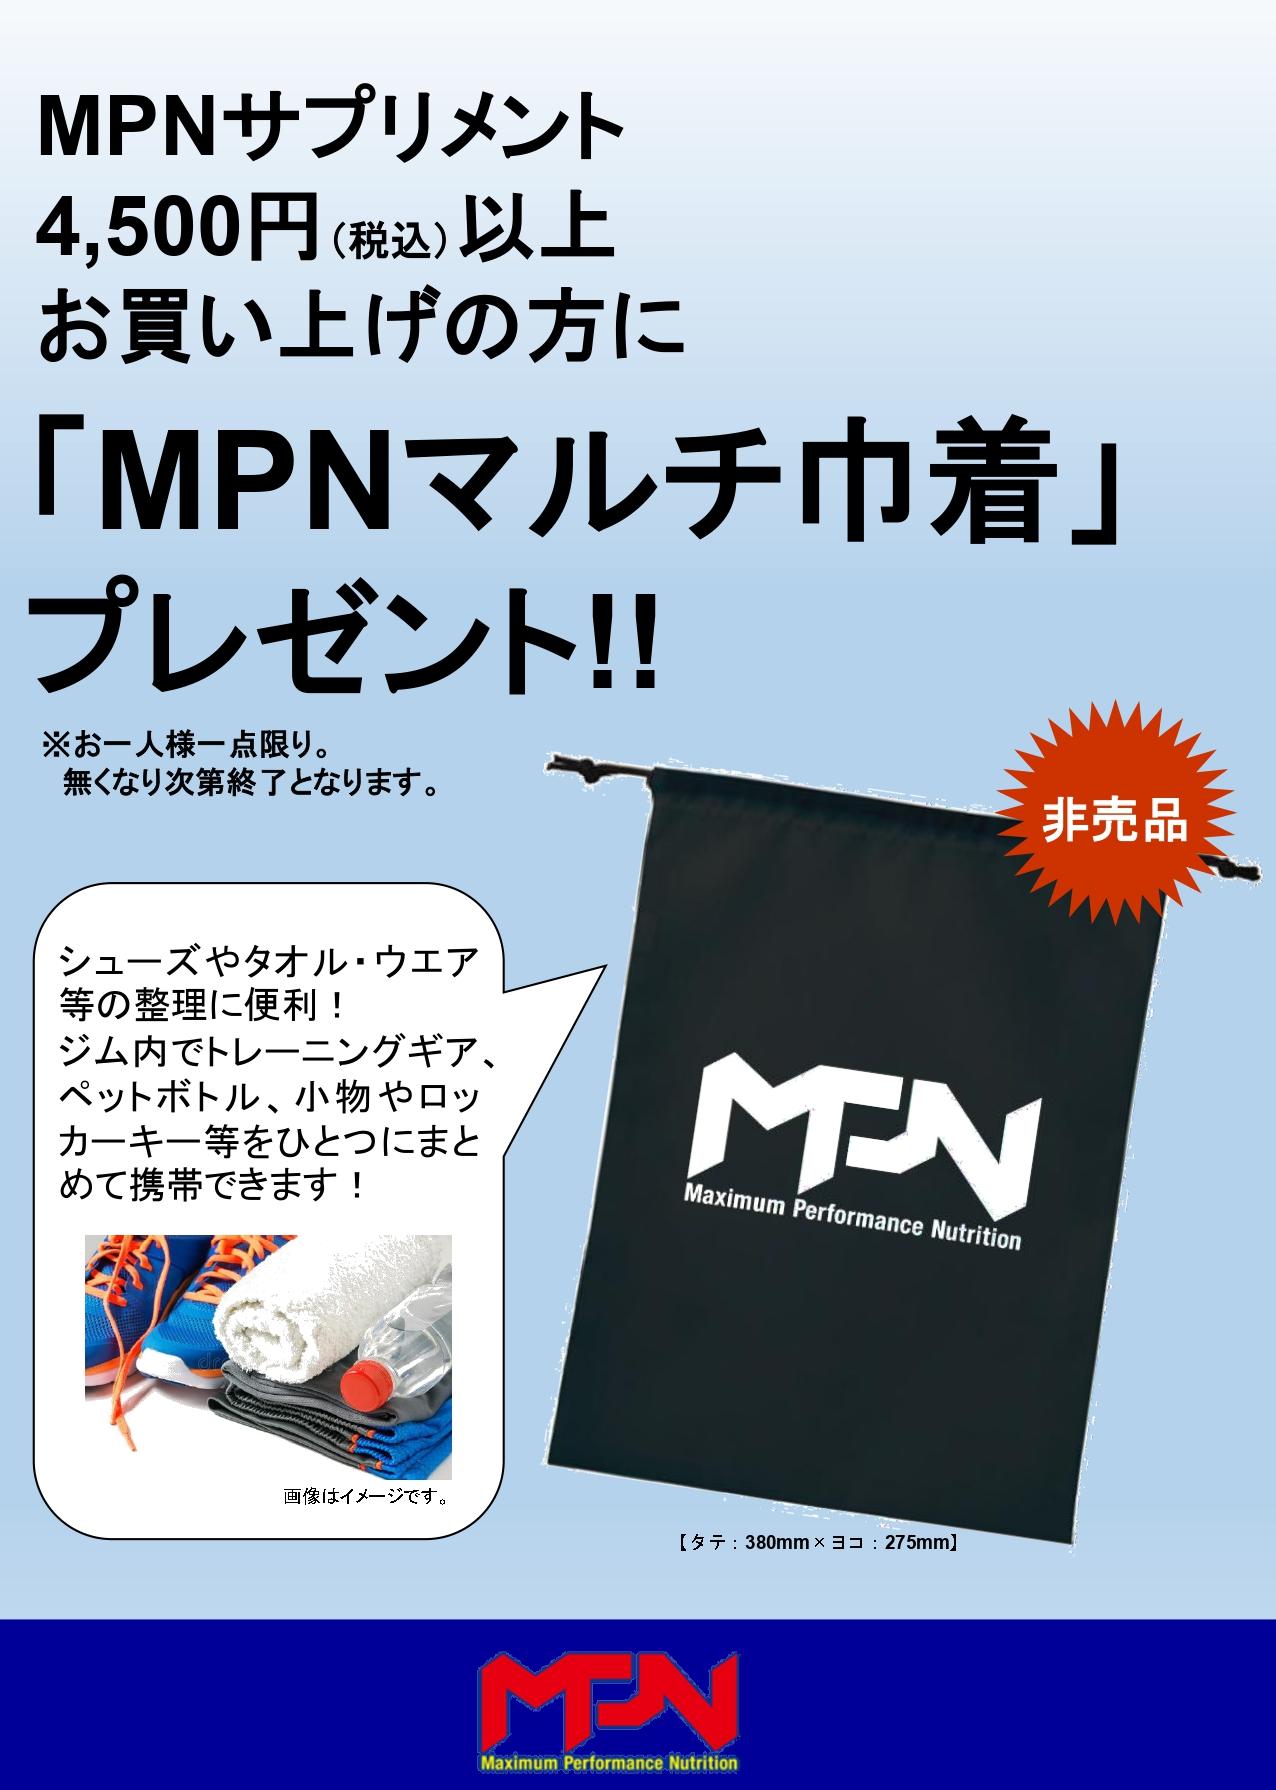 MPNマルチ巾着袋プレゼントキャンペーン